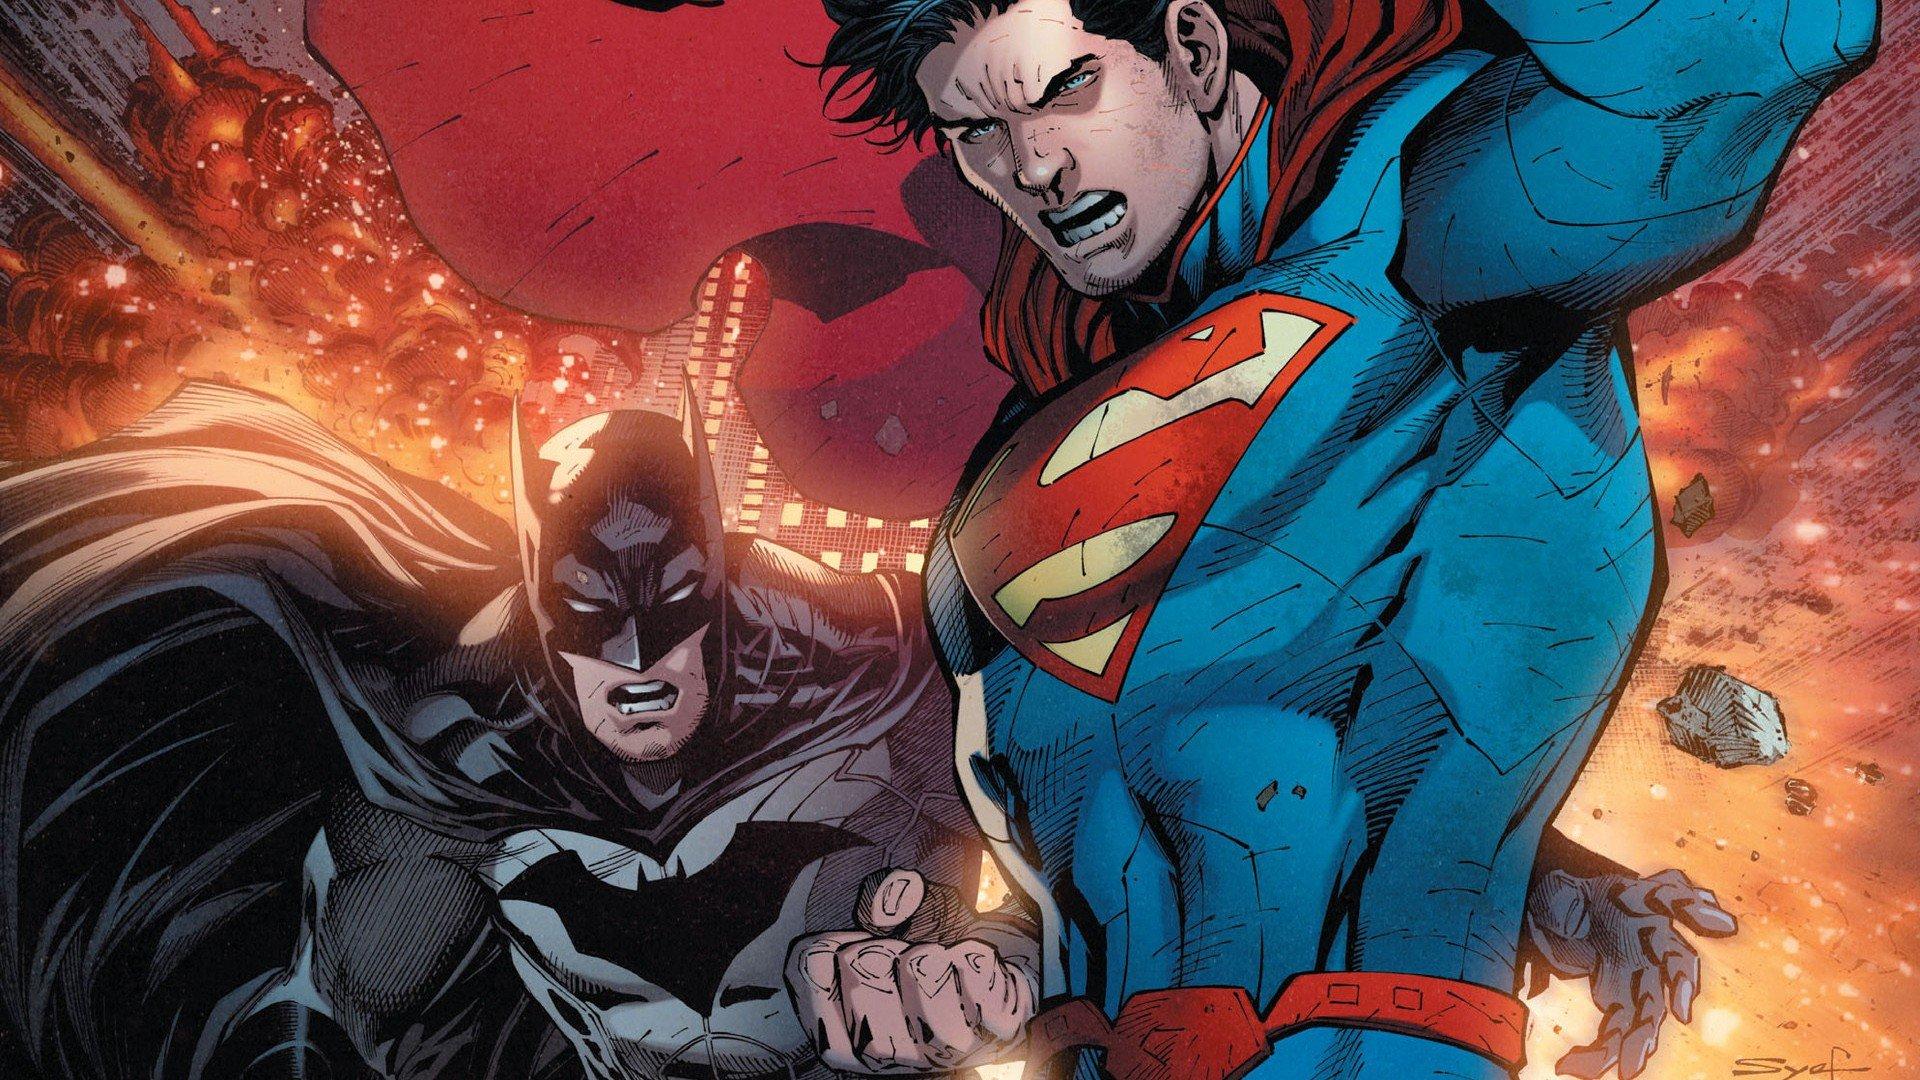 Sfondi 1920x1080 px batman dc comics superuomo for Sfondi batman